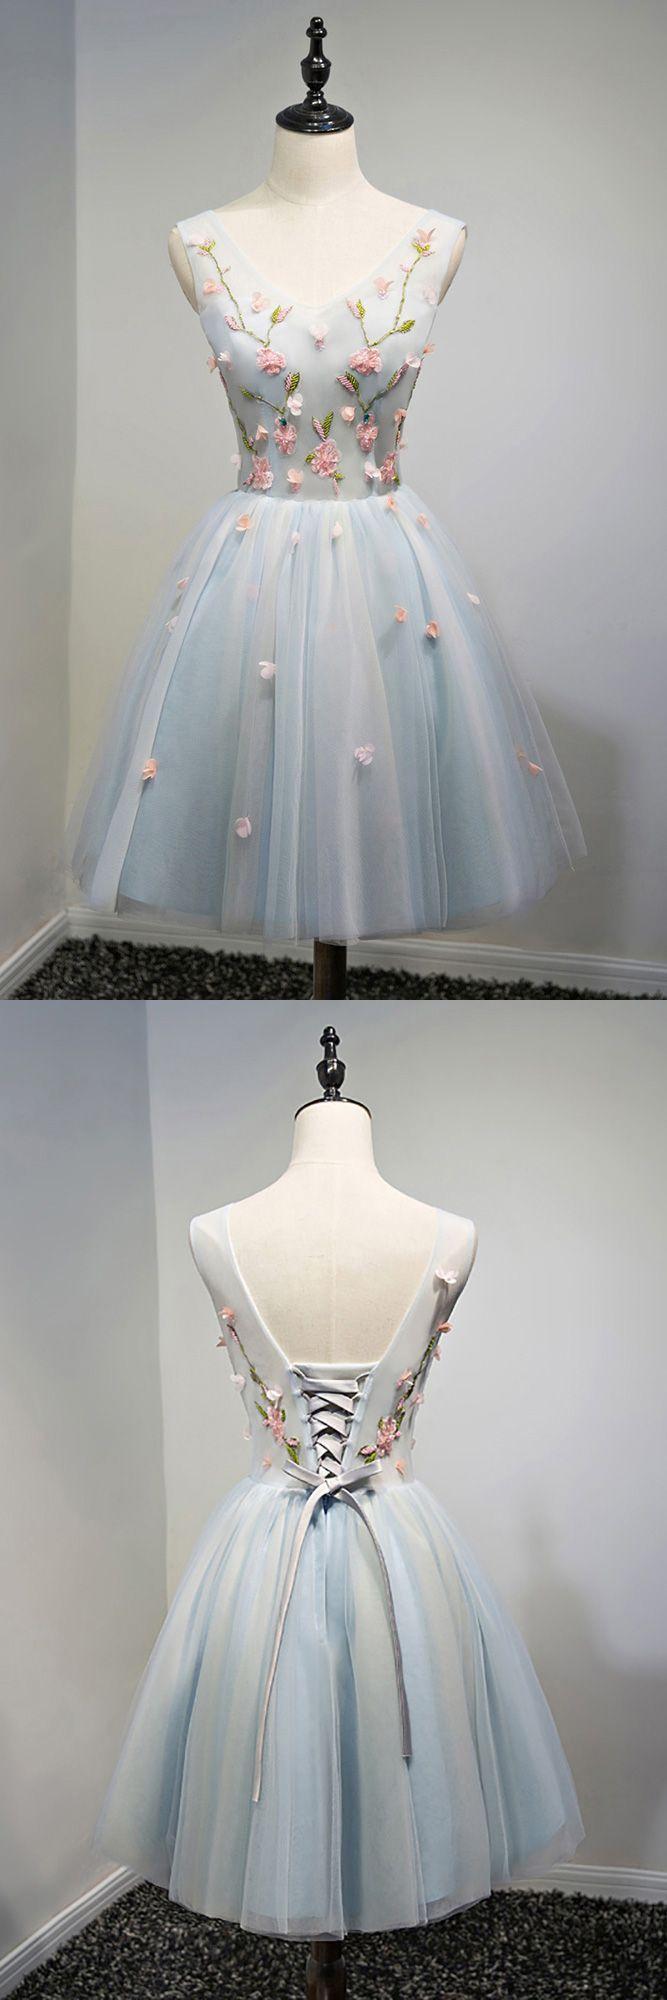 Nur $ 138, Einzigartiger V-Ausschnitt Dusty Blue Tüll Kurzes Abschlussball-Partykleid Mit Blumen # MDS17043 von #SheProm. SheProm ist ein Online-Shop mit Tausenden von Kleidern, die von Prom, Homecoming, Graduation, Grau, A-Line-Kleidern, kurzen Kleidern, anpassbaren Kleidern und so weiter reichen. Neben dem Verkauf von Abendkleidern werden immer mehr modische Kleidungsstile täglich in unserem Shop aktualisiert. Mit niedrigem Preis und hoher Qualität garantiert, werden Sie auf jeden Fall gerne bei uns einkaufen.